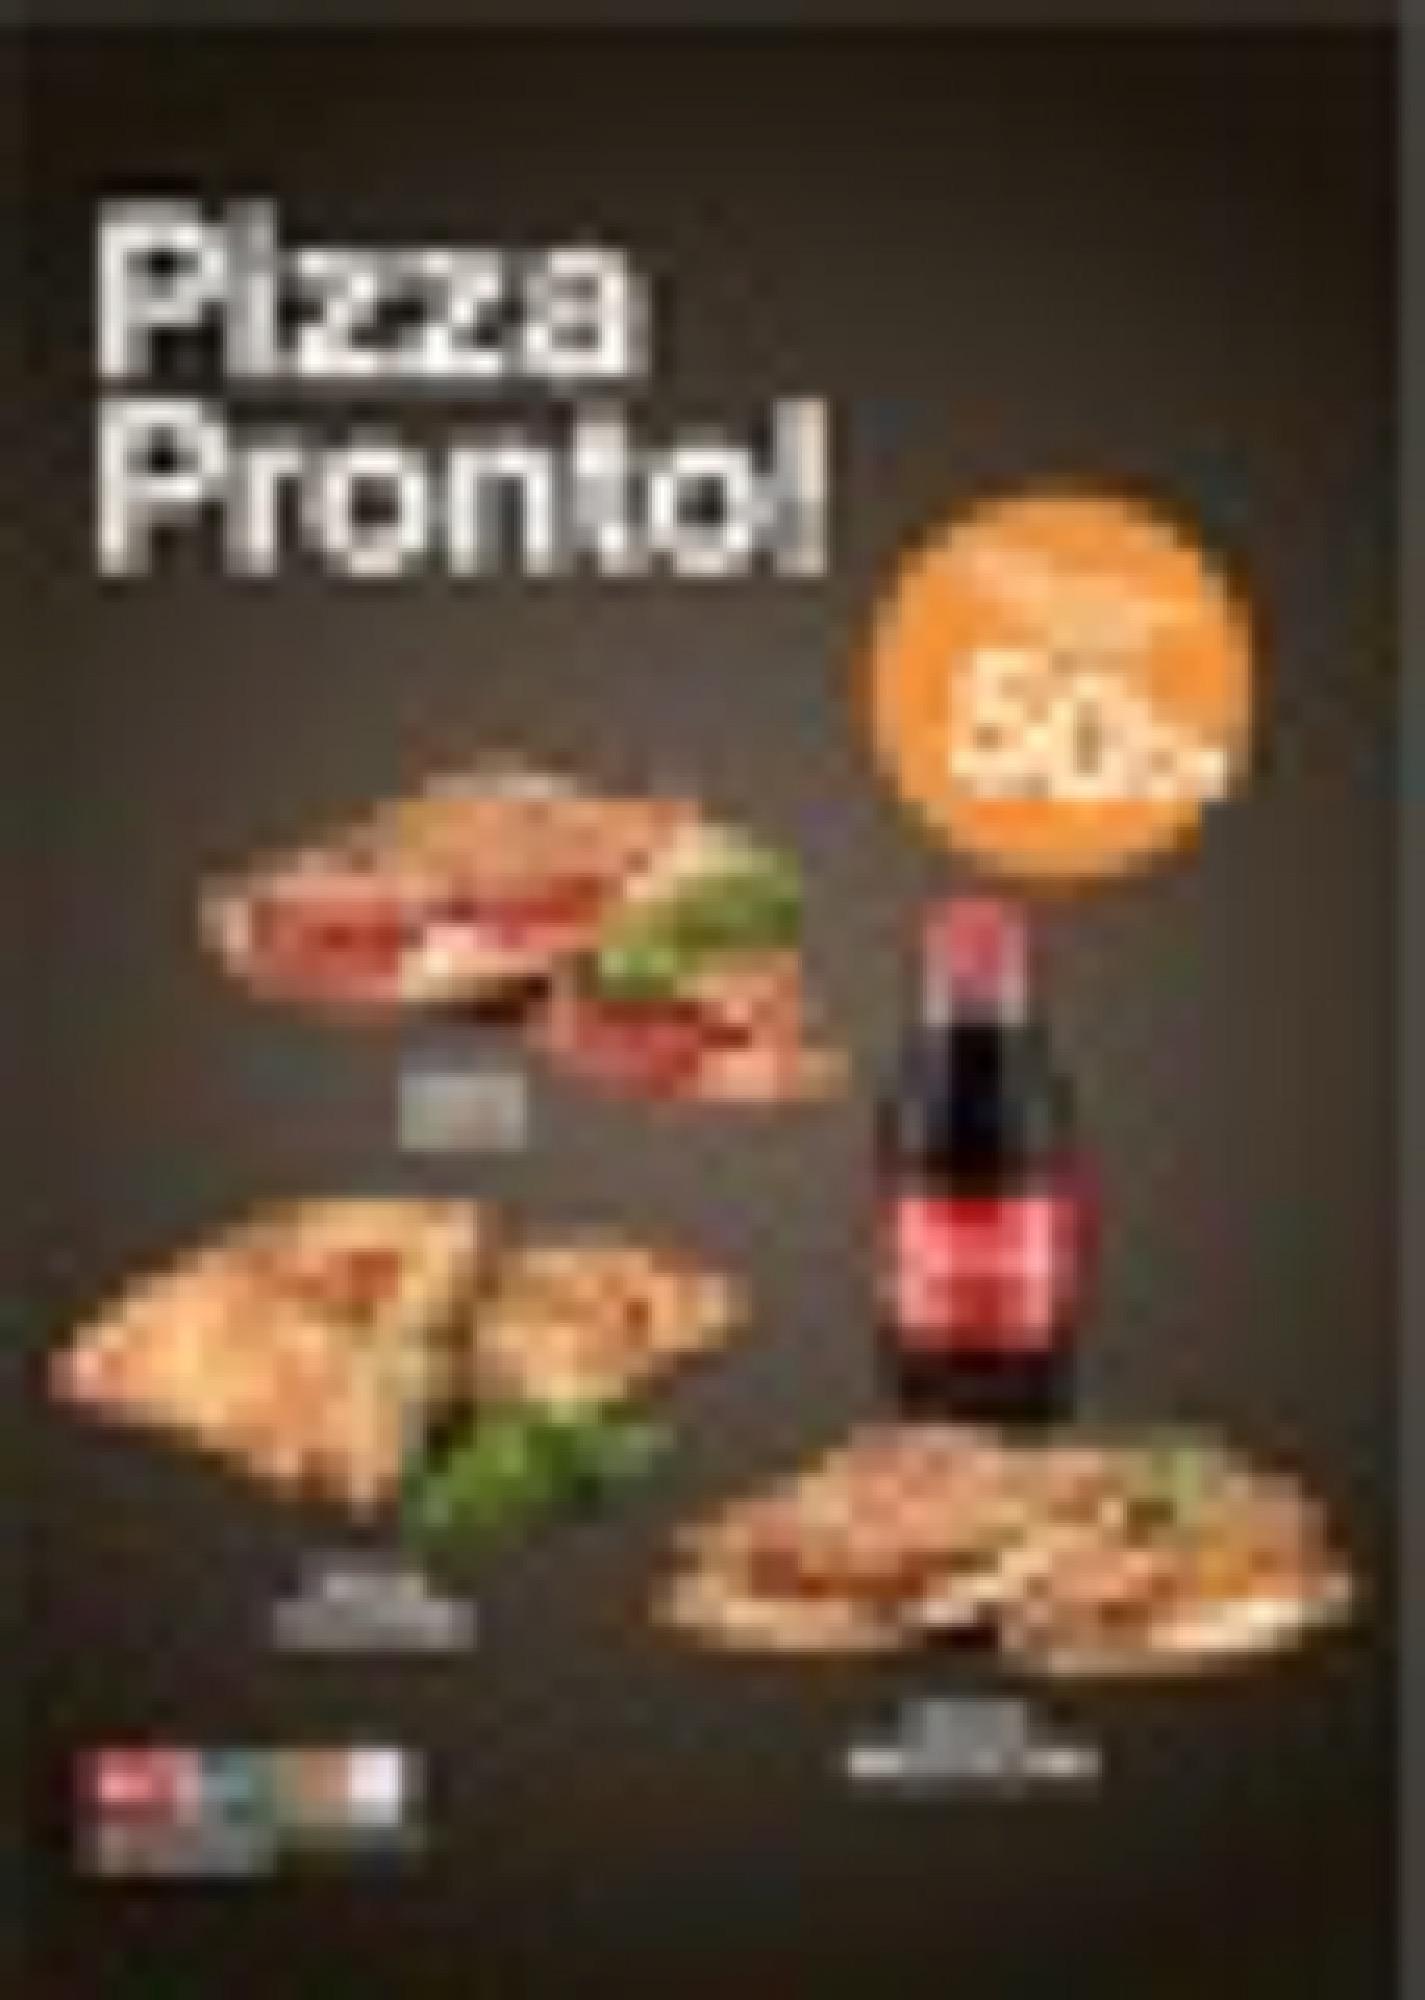 7-eleven pizza 12